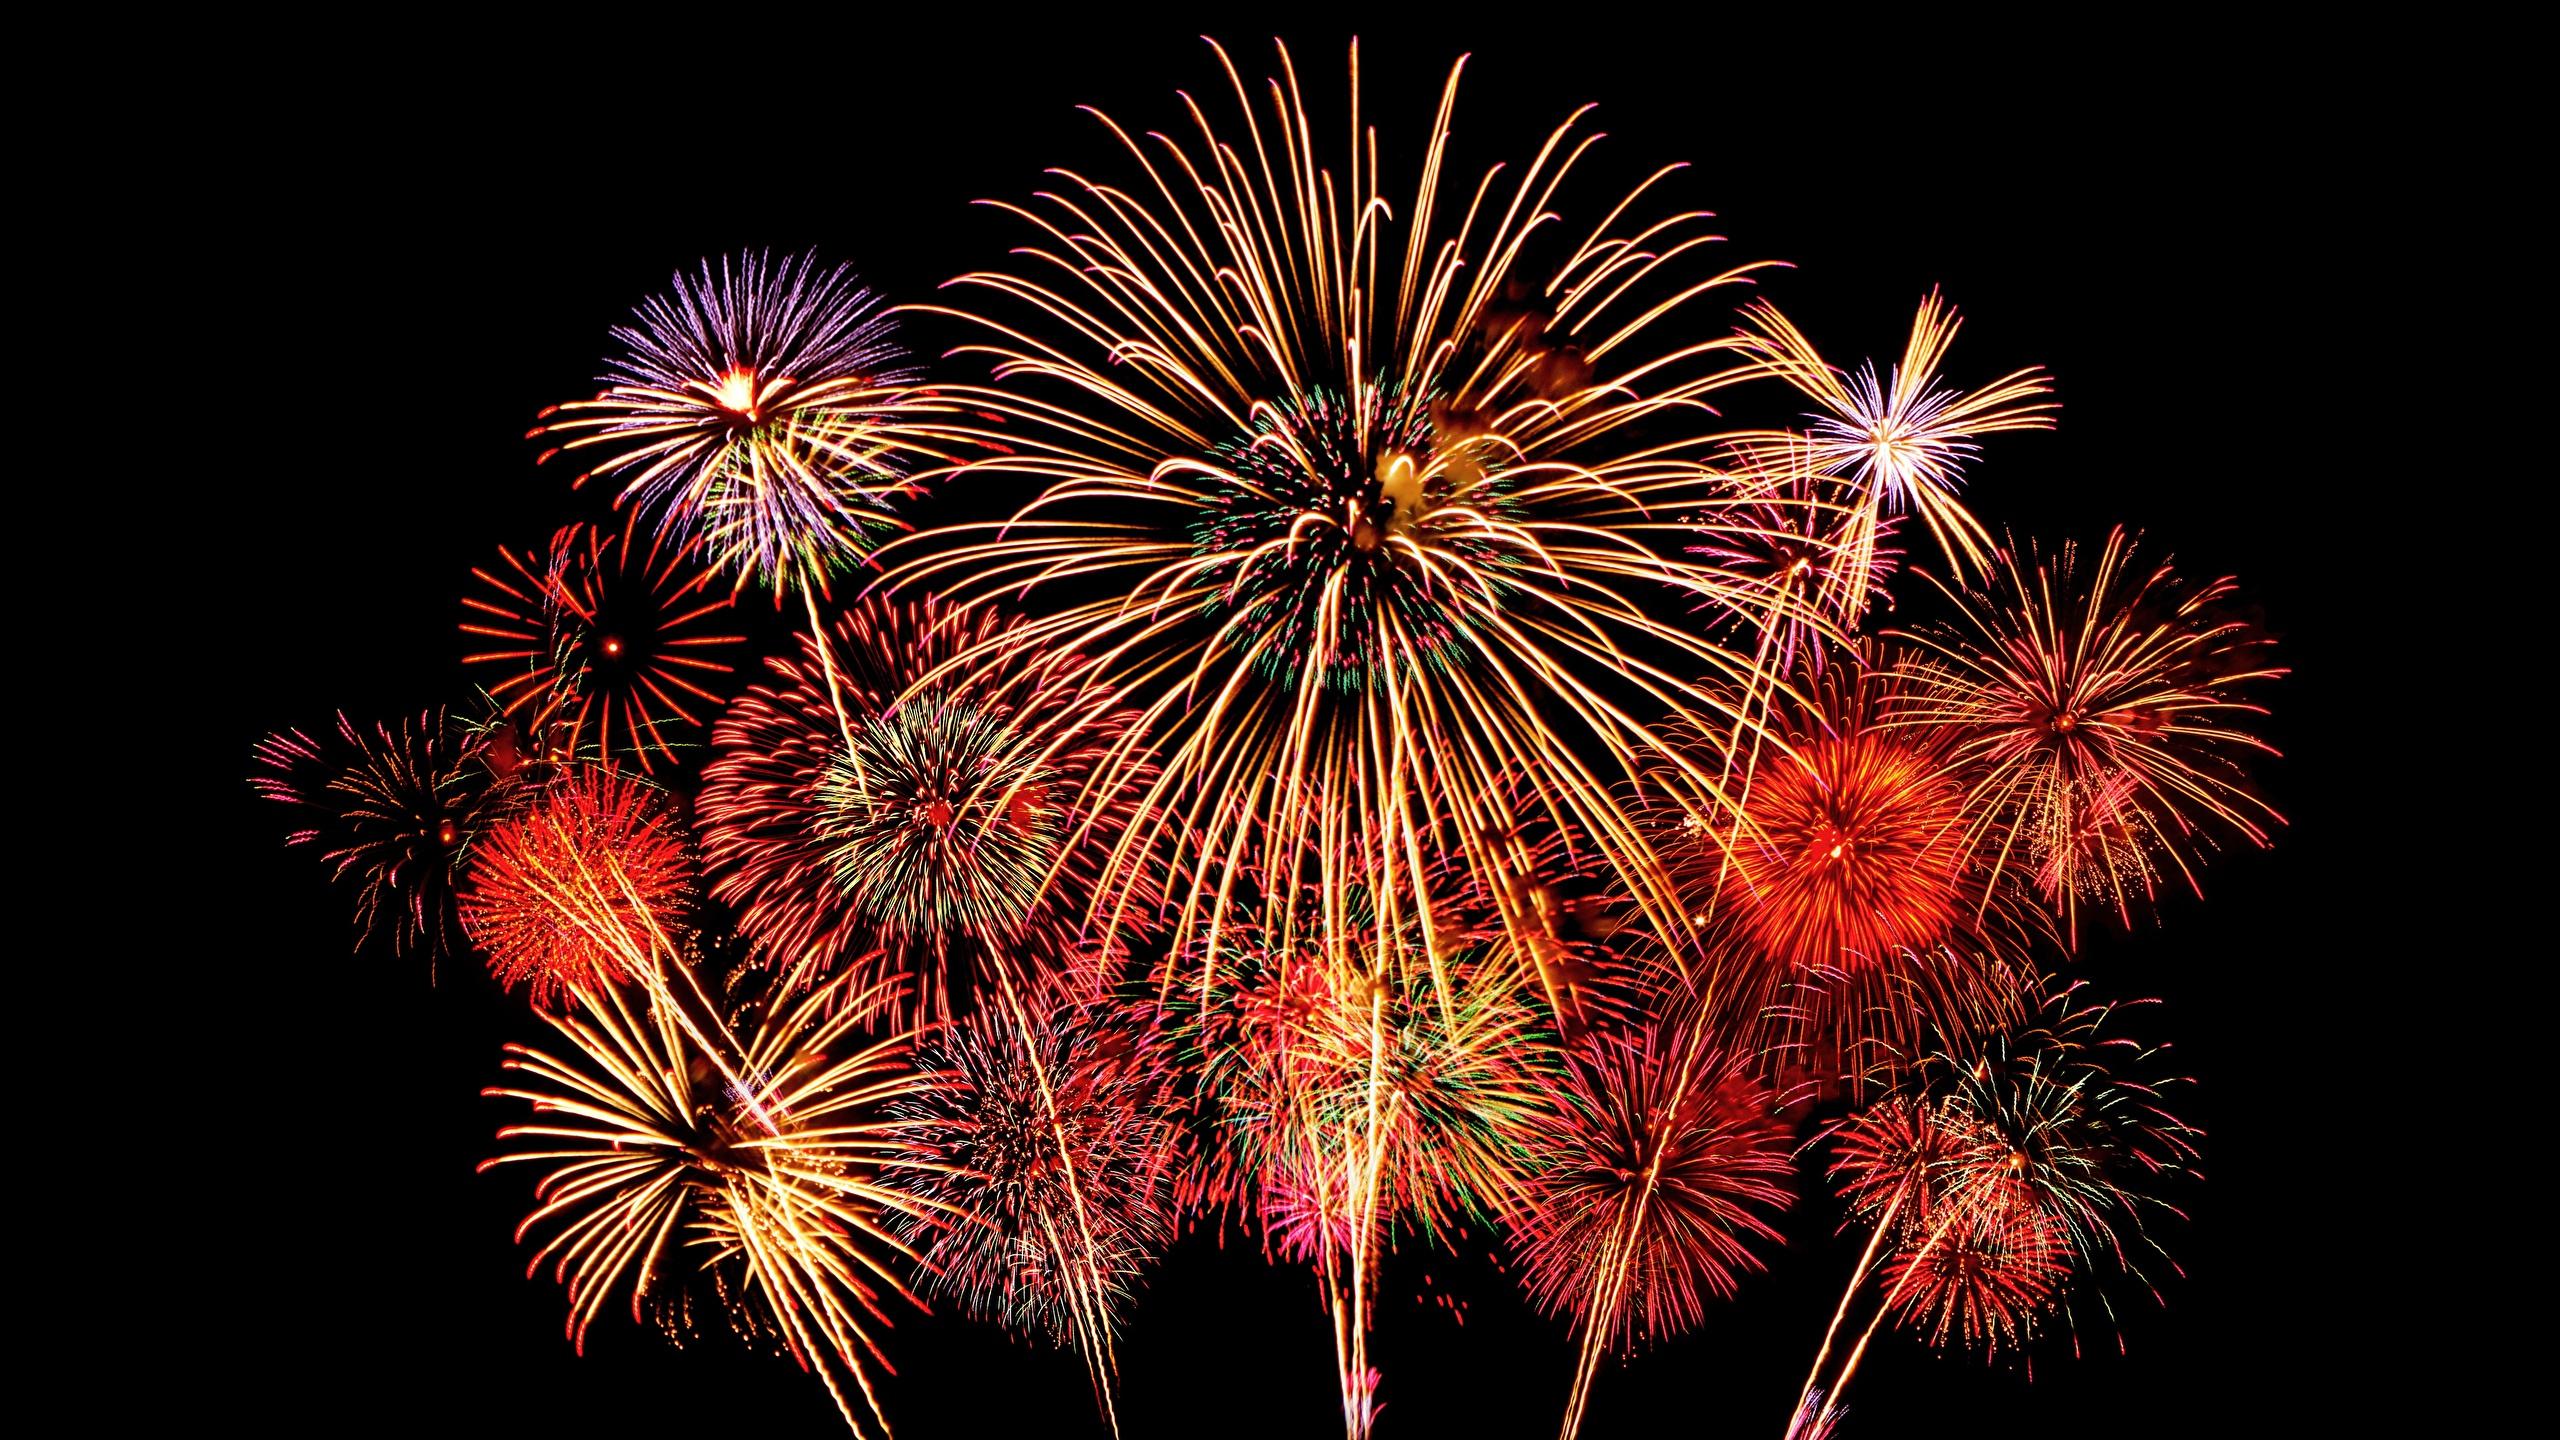 Bilder 2017 Feuerwerk Nacht Schwarzer Hintergrund 2560x1440